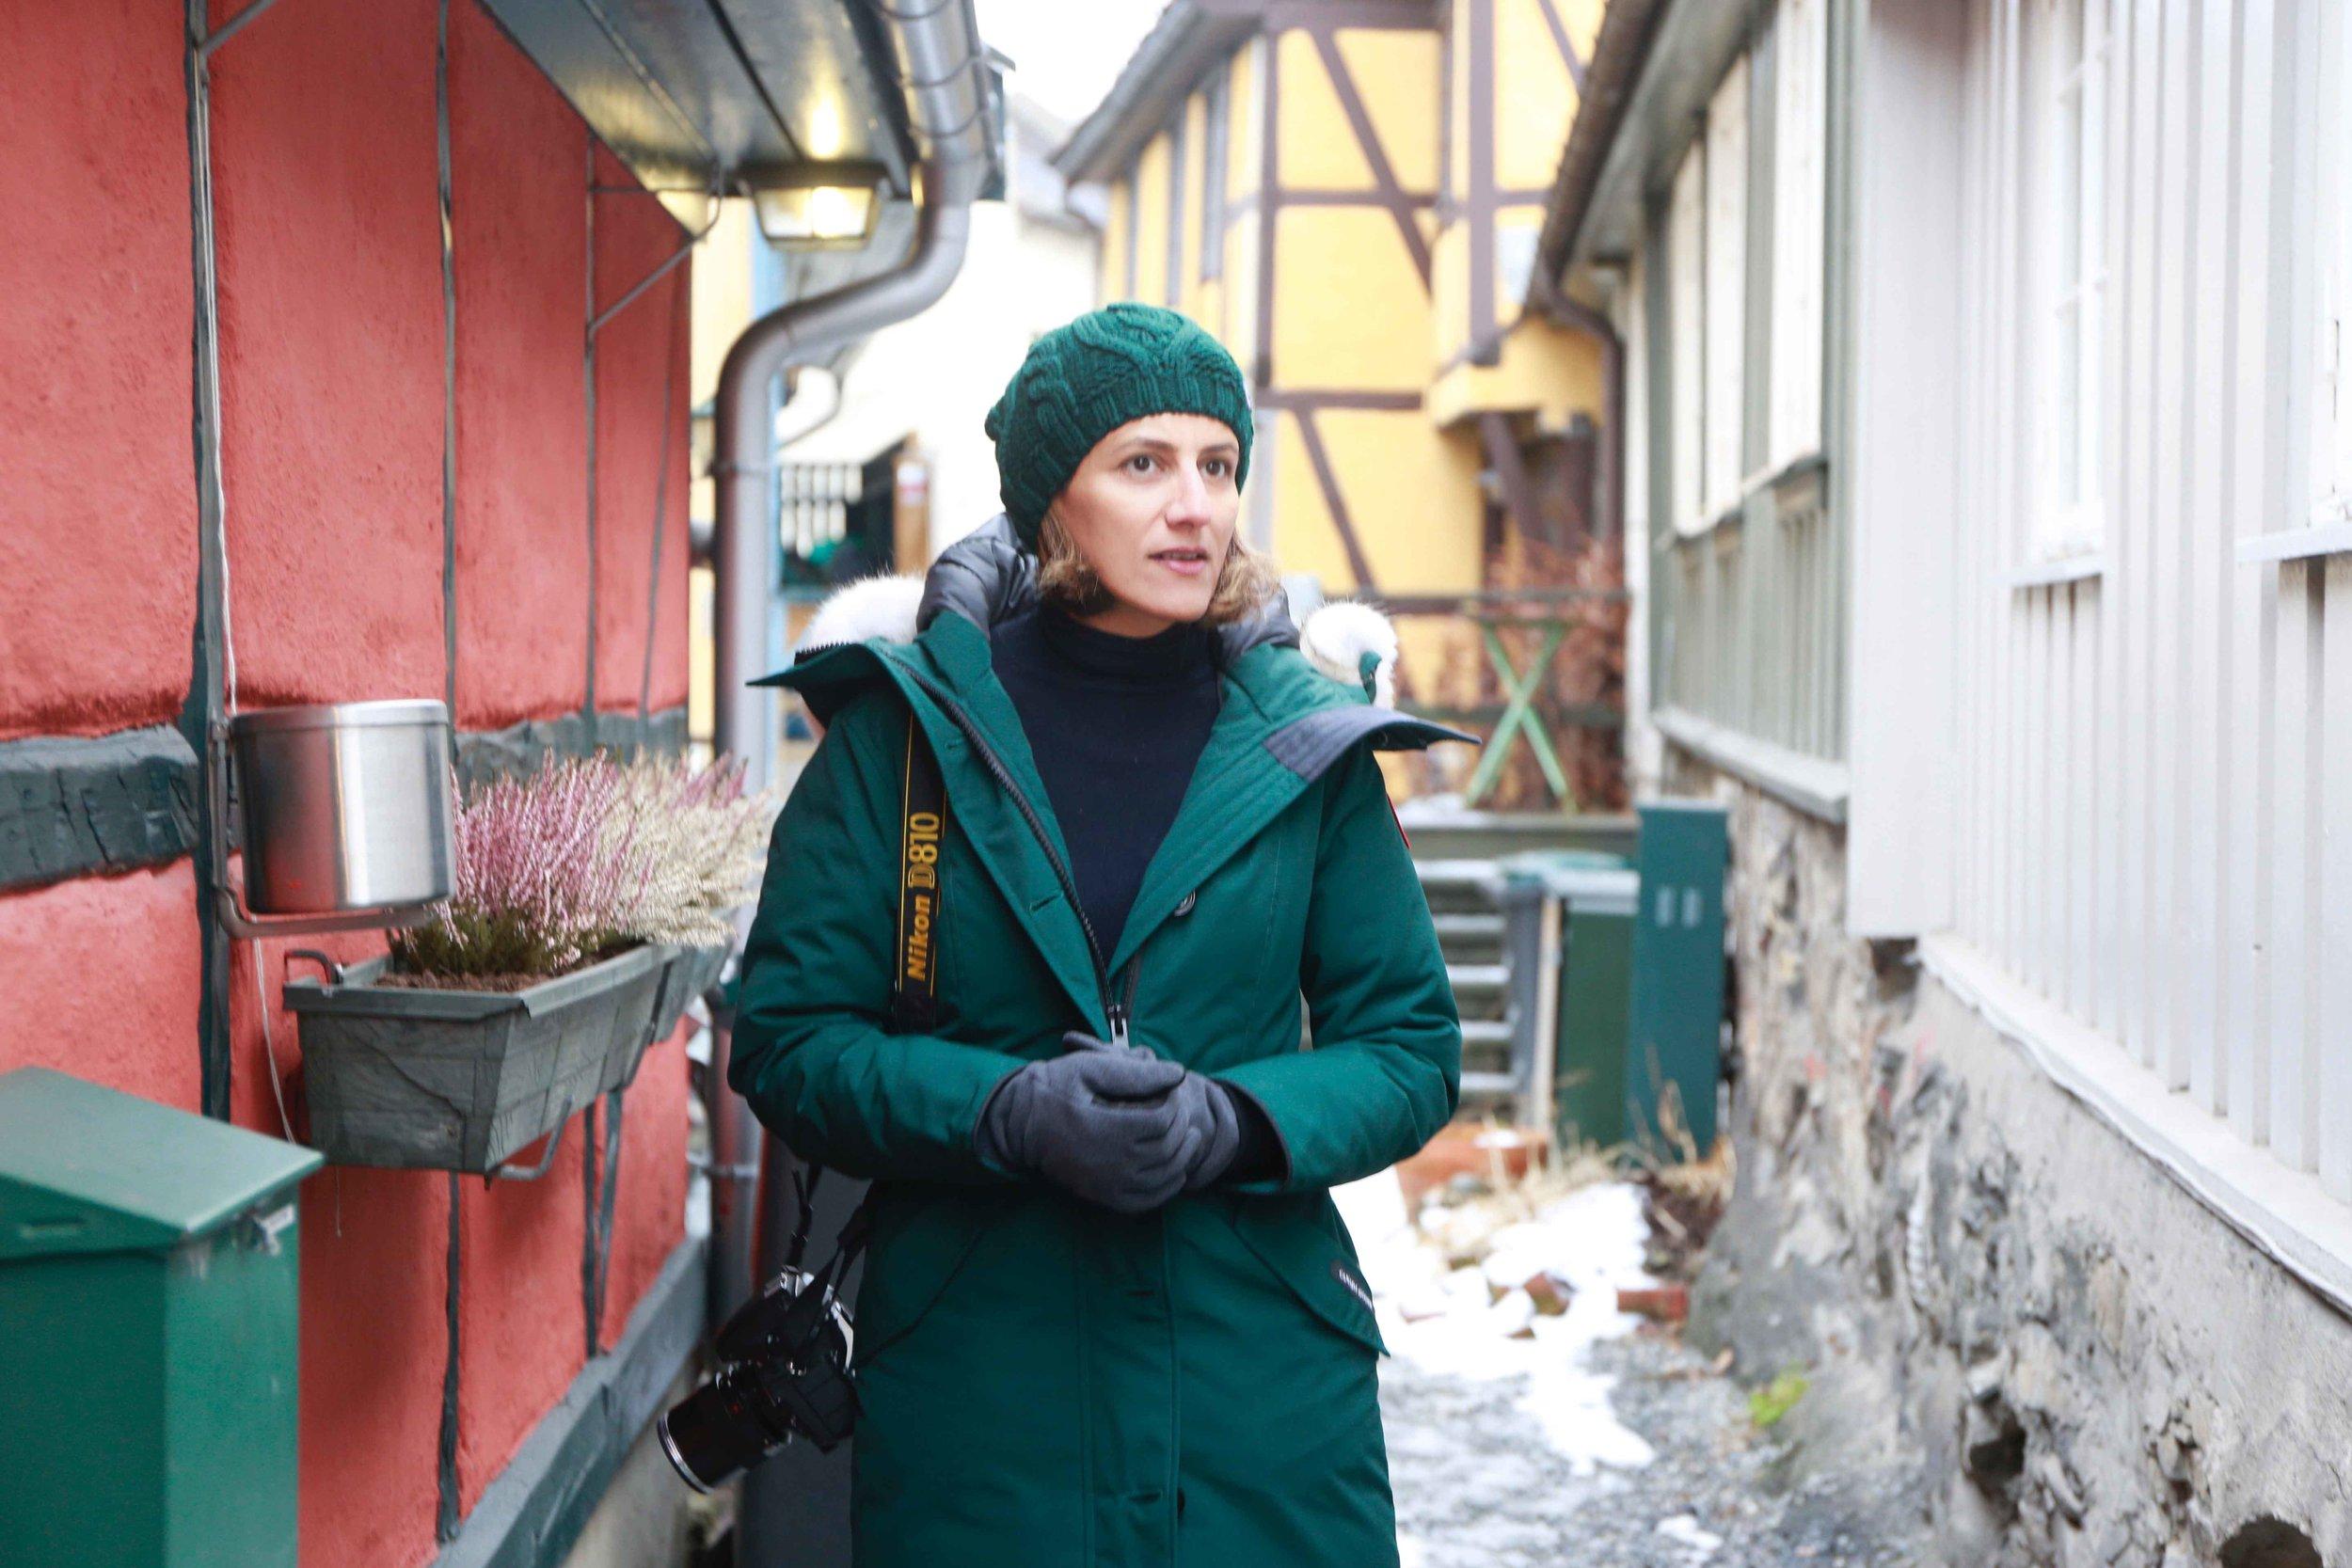 Rodeløkka, Oslo, Norway. Photo: Oslo Photo Tour. Image©thingstodot.com